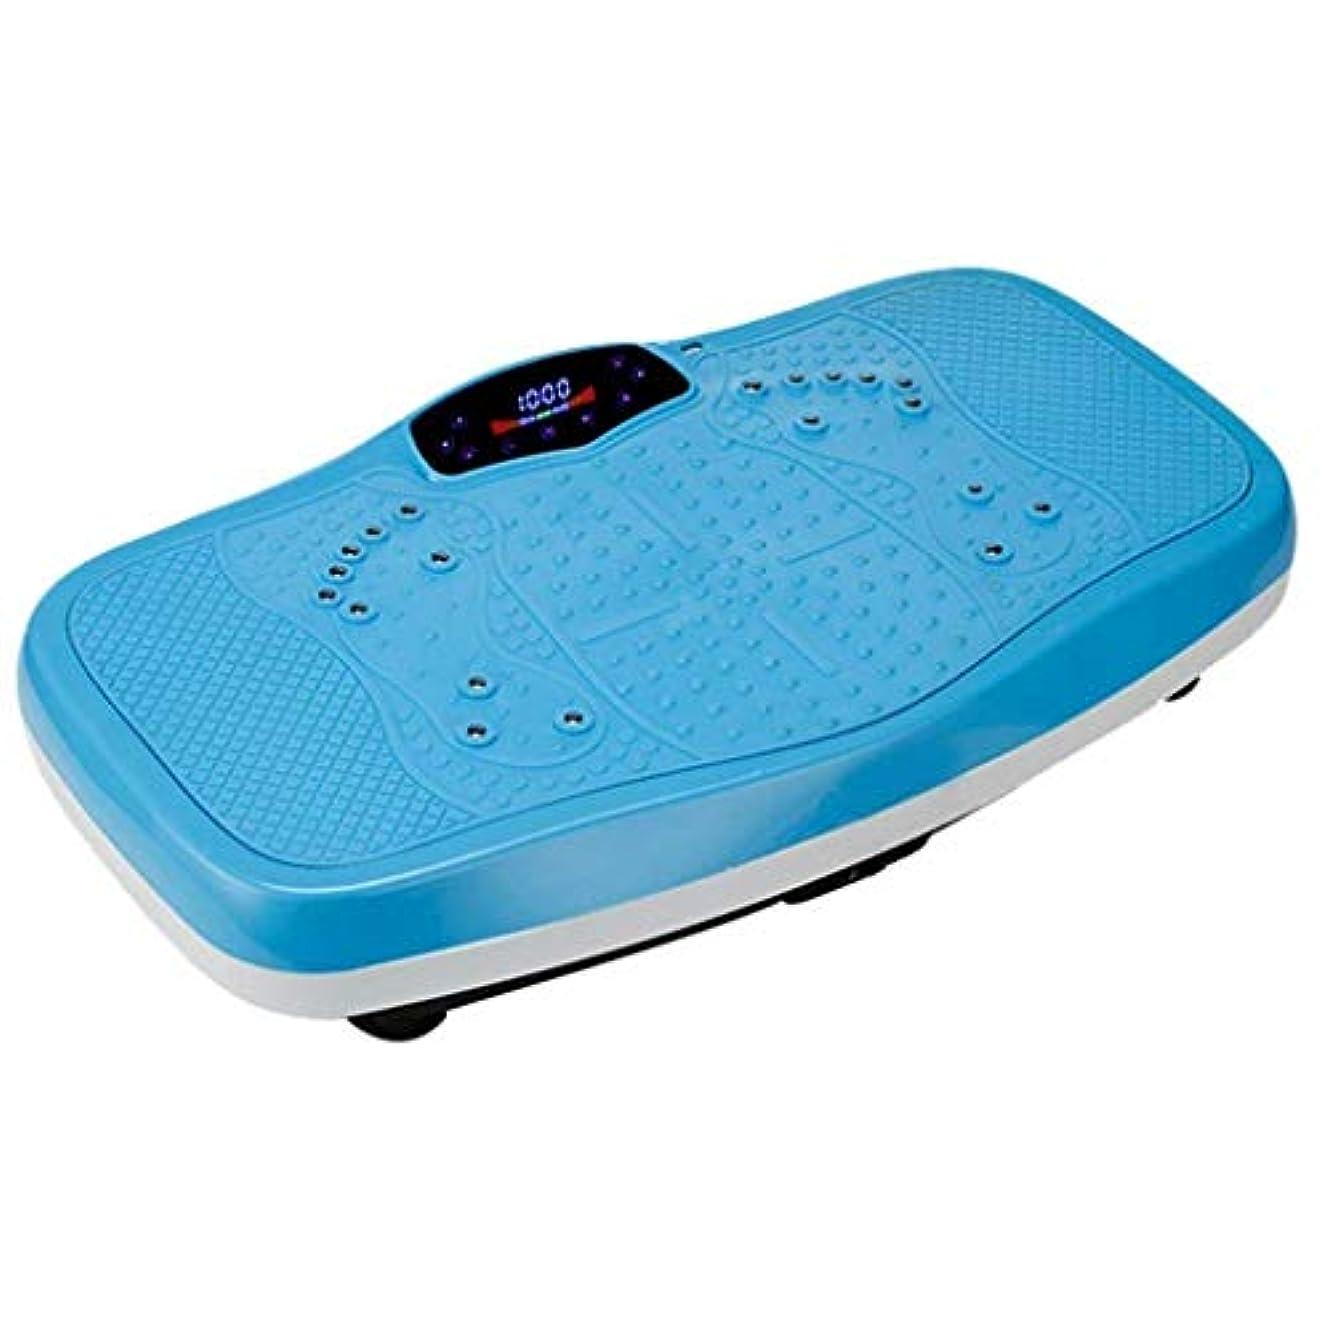 枯渇任意慰め減量機、運動振動フィットネス形状体重減量機、Bluetoothスピーカー、家族/ジムに適し、ホームオフィス減量 (Color : 青)